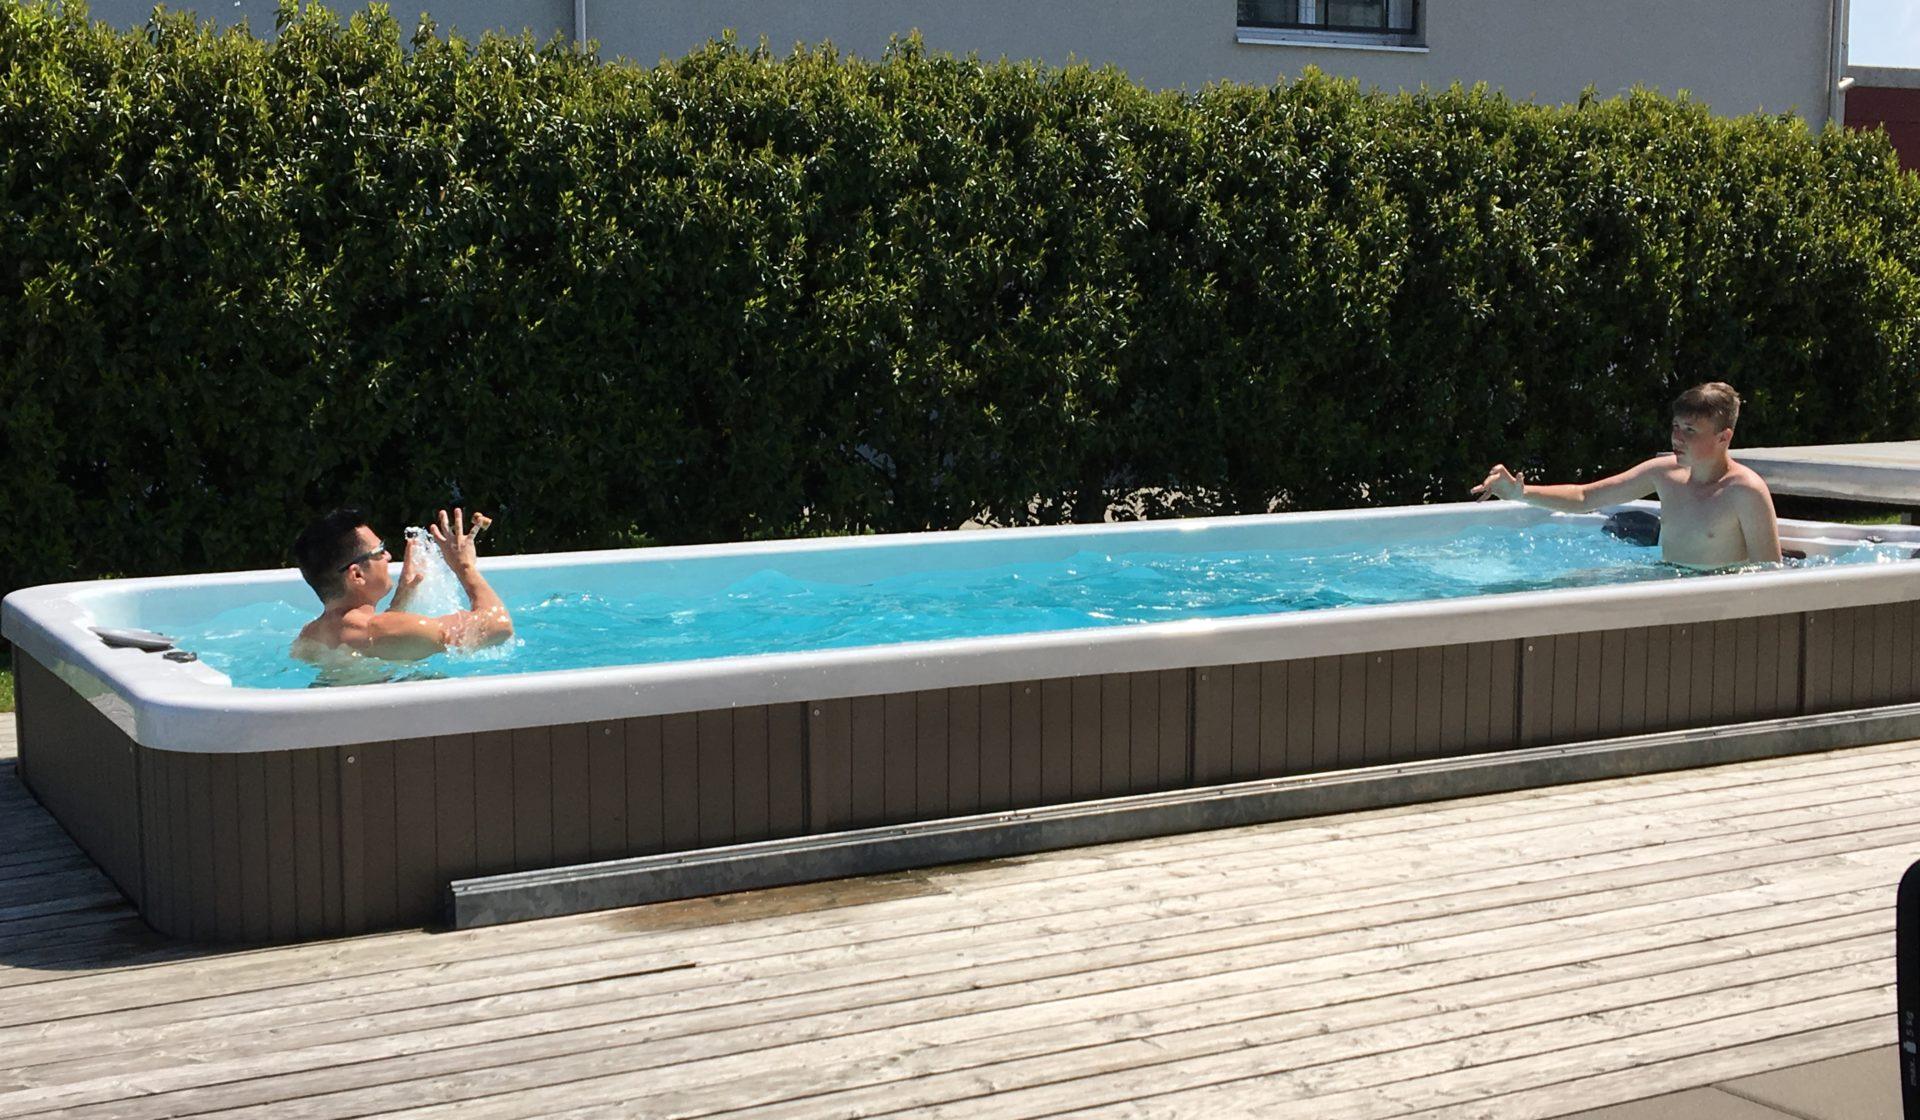 Schwimmspa Oceanus Schwimm 55 eingebaut